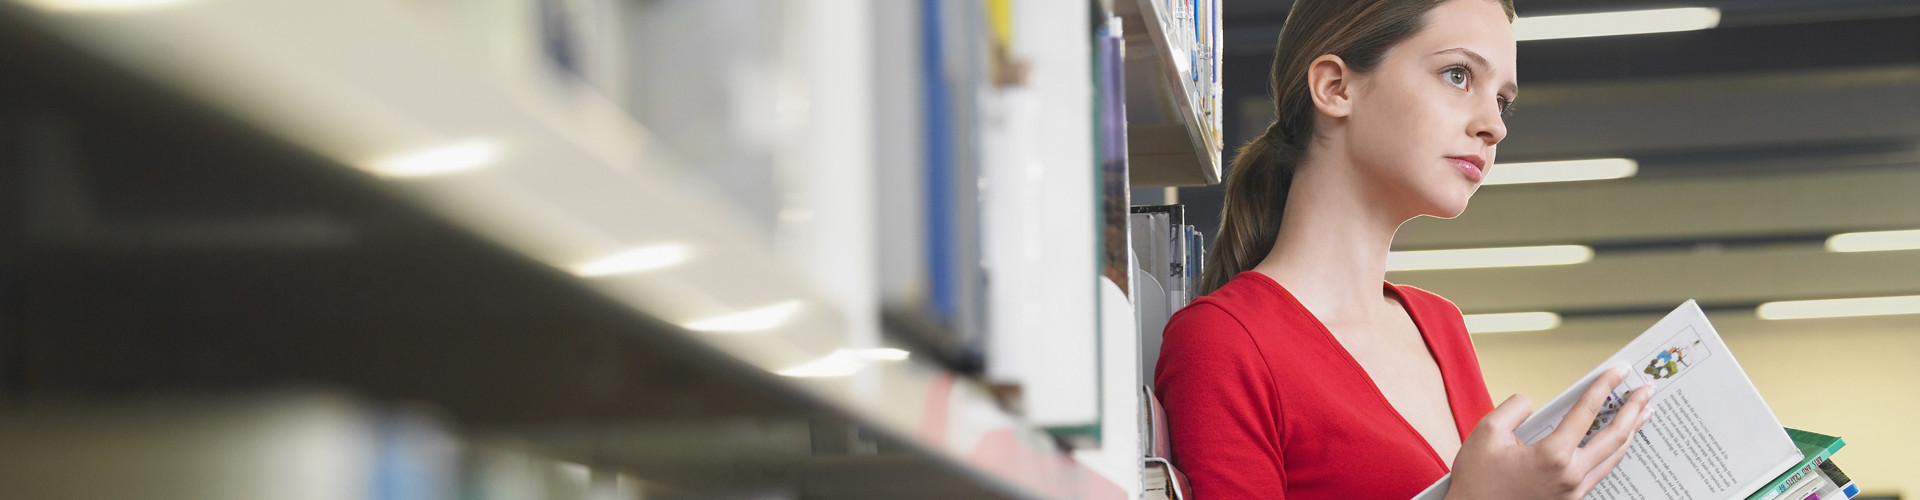 Junge Frau steht an ein Bücherregal gelehnt in der Bibliothek und hält dabei Lernunterlagen in der Hand. © biker3, stock.adobe.com